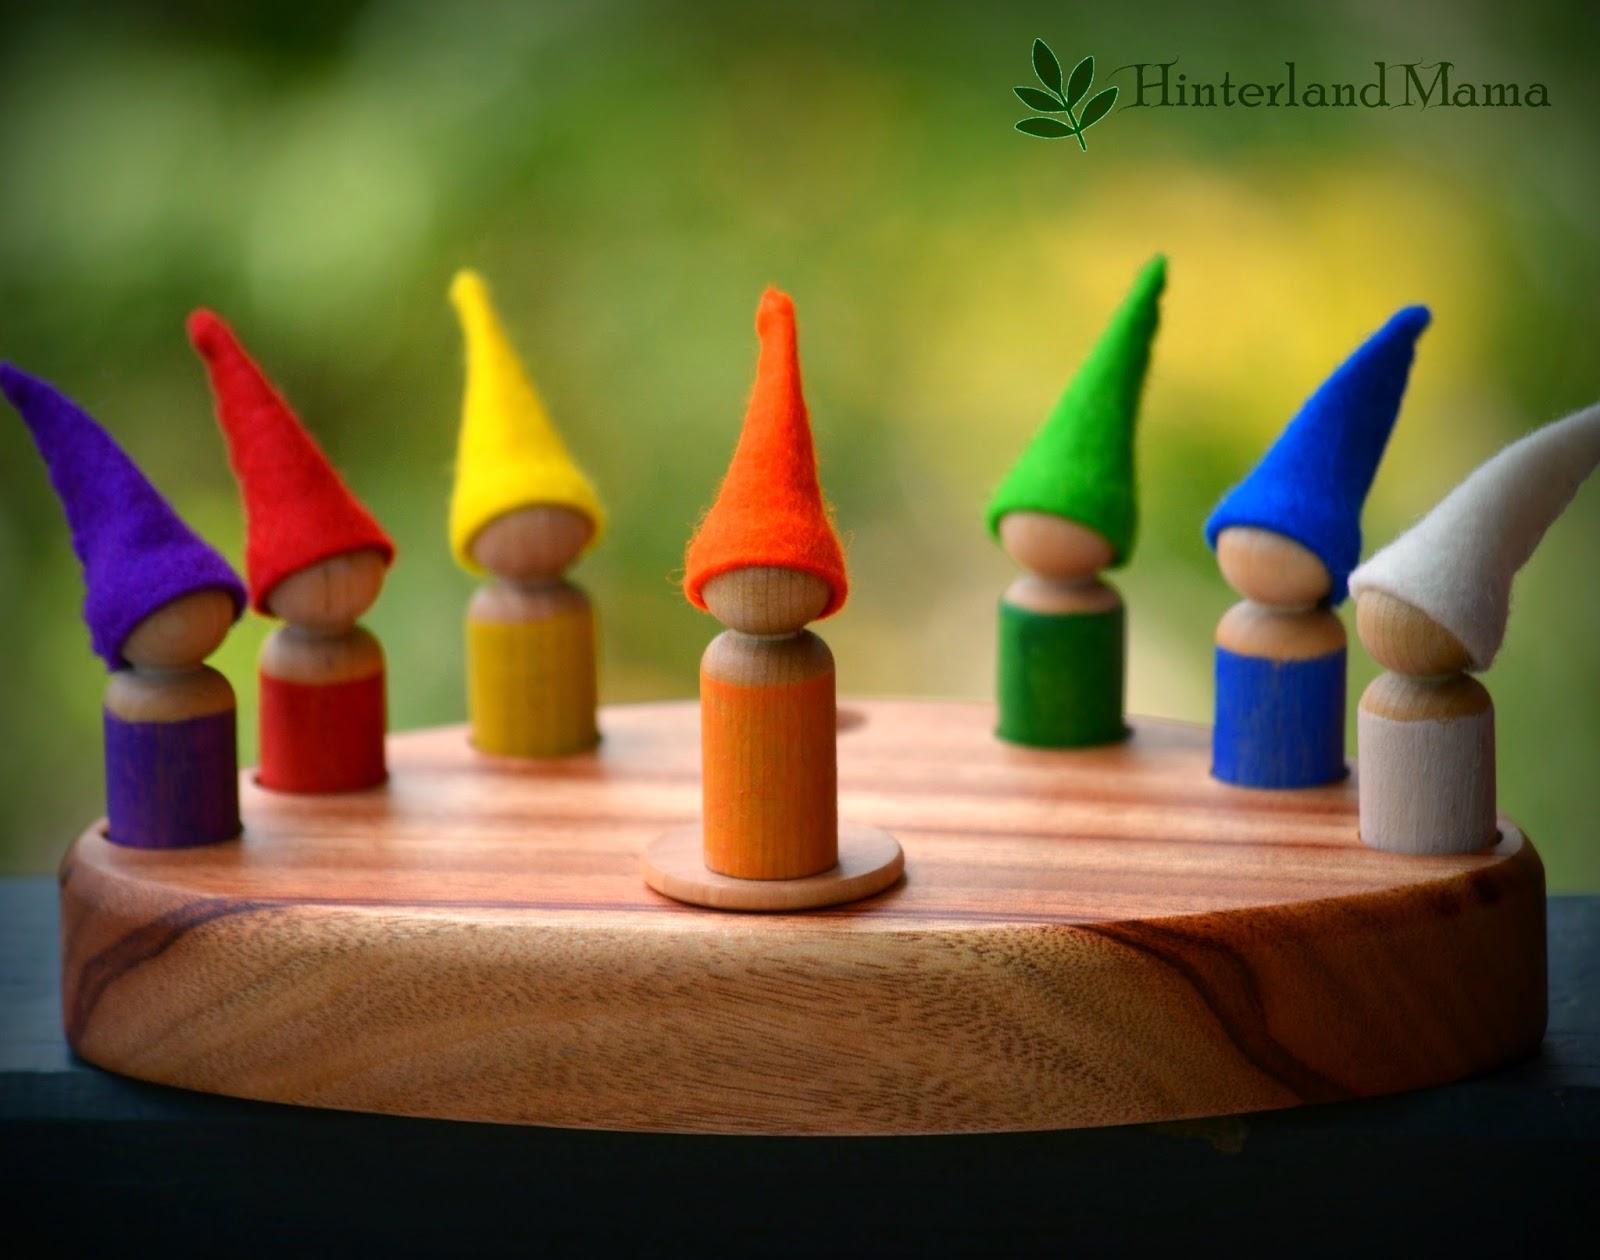 https://www.etsy.com/listing/152713209/gnome-colour-day-calendar-waldorf